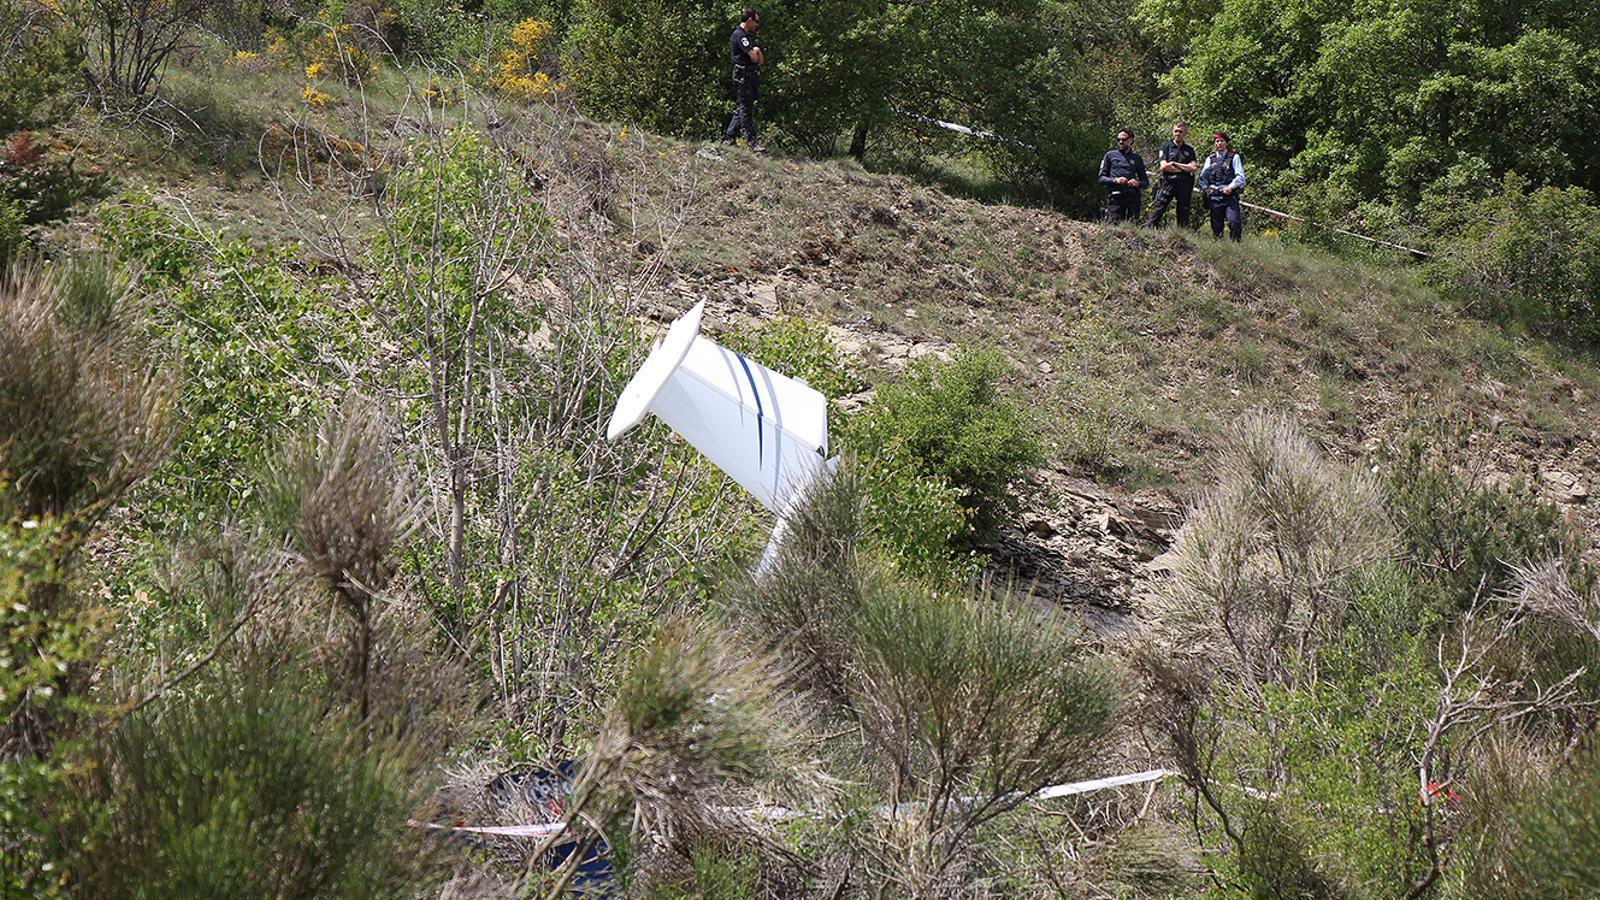 L'ultralleuger que s'ha estavellat amb la part davantera contra el terra, a pocs metres de la pista de l'aeroport Andorra-la Seu. / M. M. (ANA)